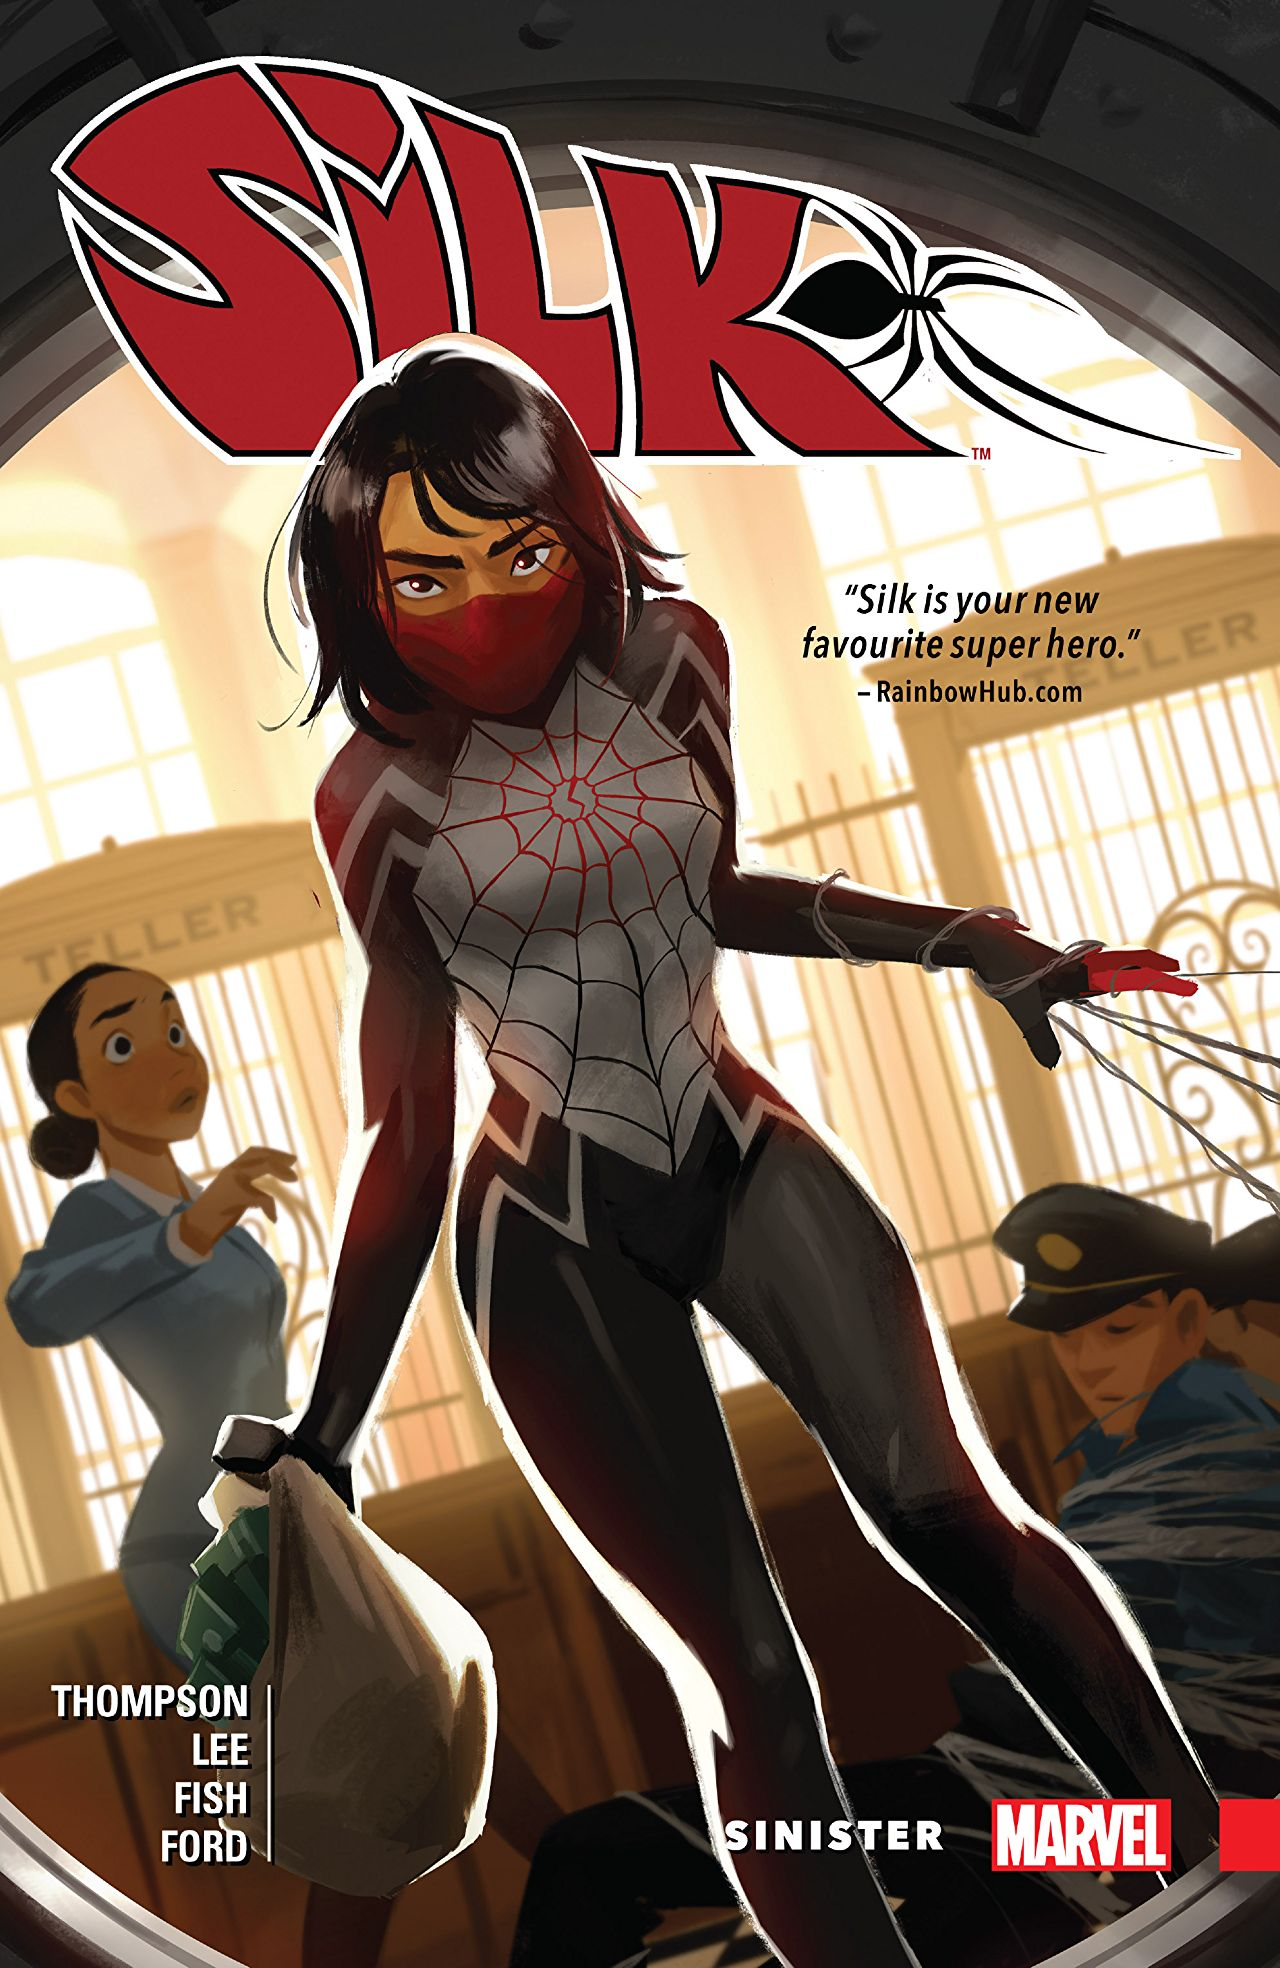 Couverture du comic Marvel Silk par Thompson, Lee et Fish